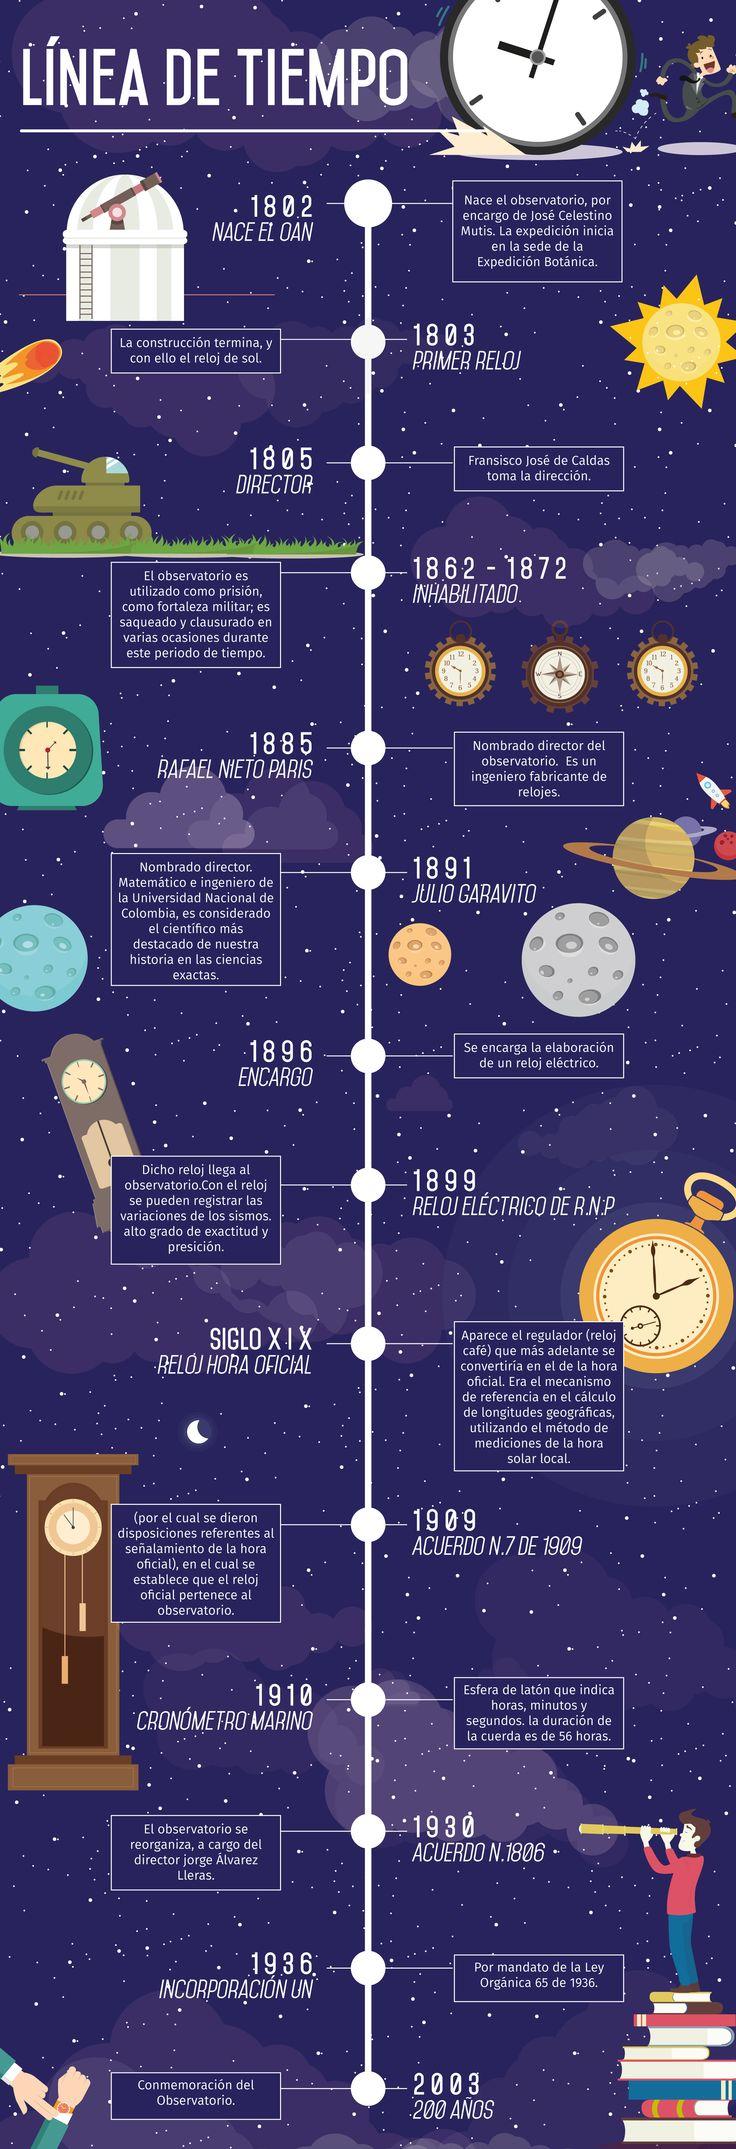 Timeline Infography OAN Línea de tiempo del Observatorio Nacional de Colombia.